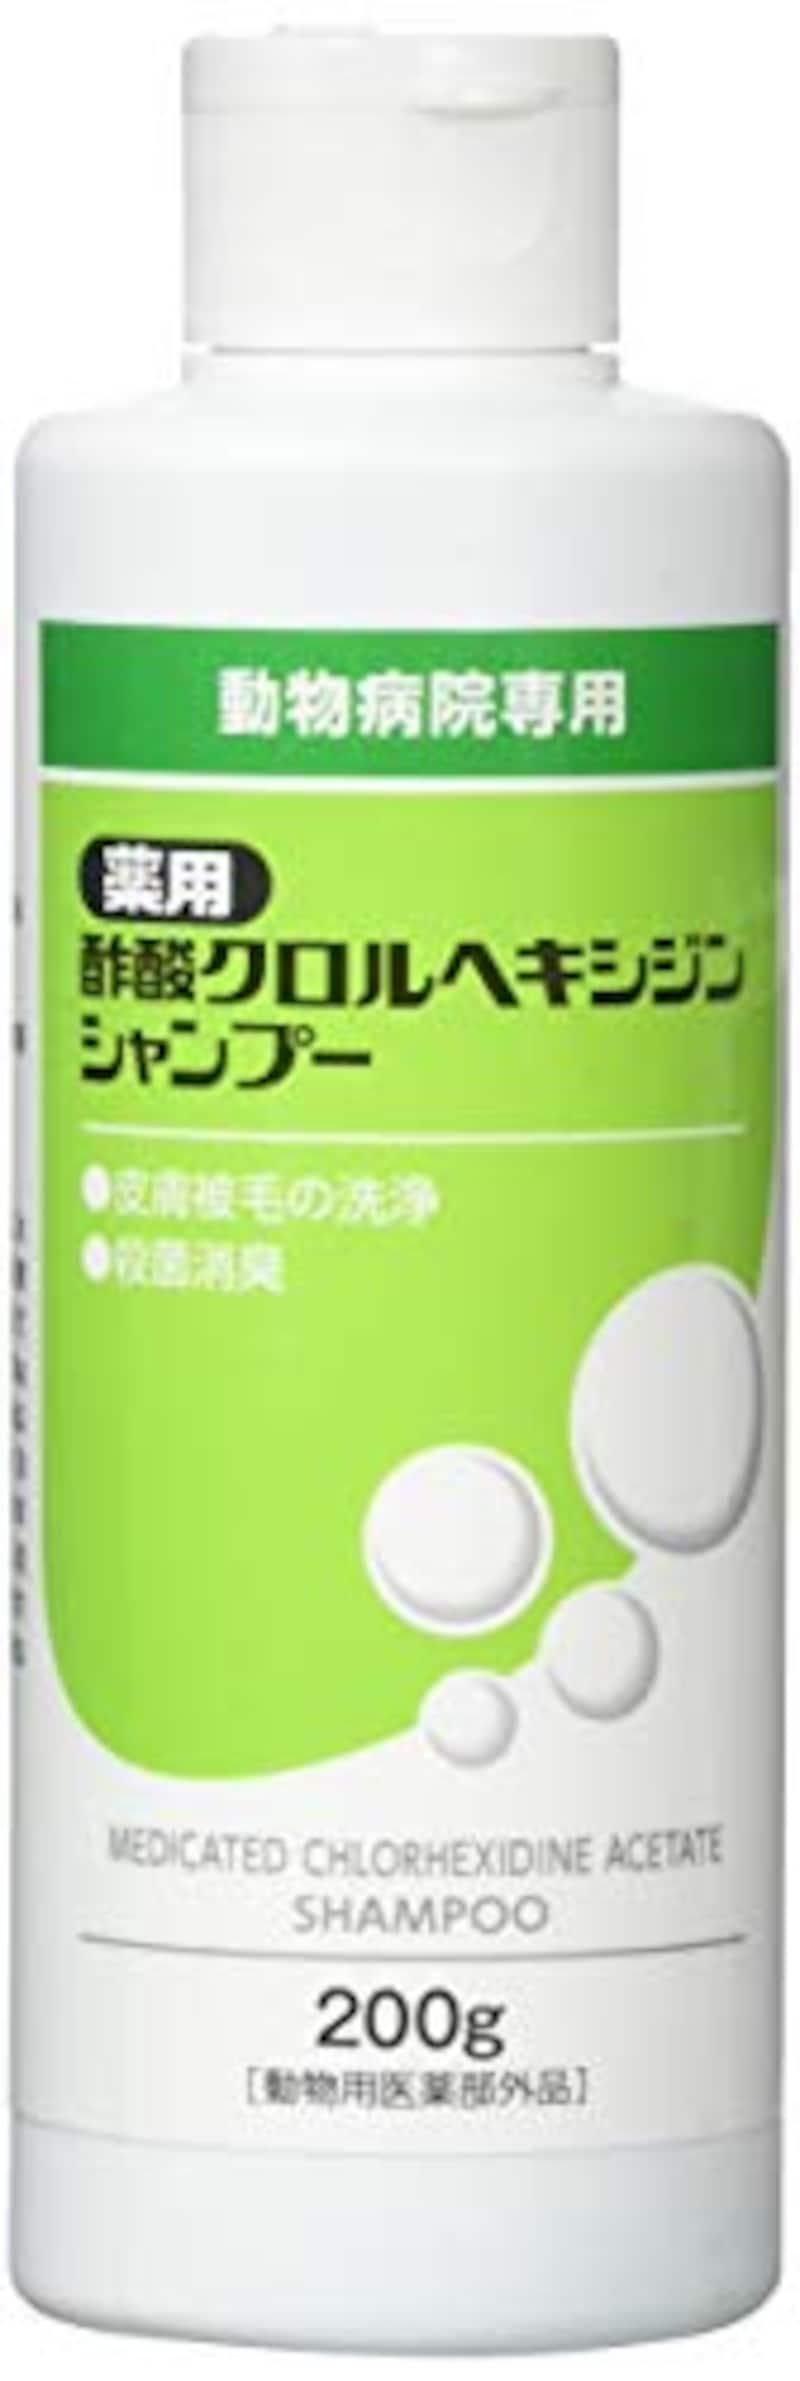 フジタ製薬,薬用酢酸クロルヘキシジンシャンプー